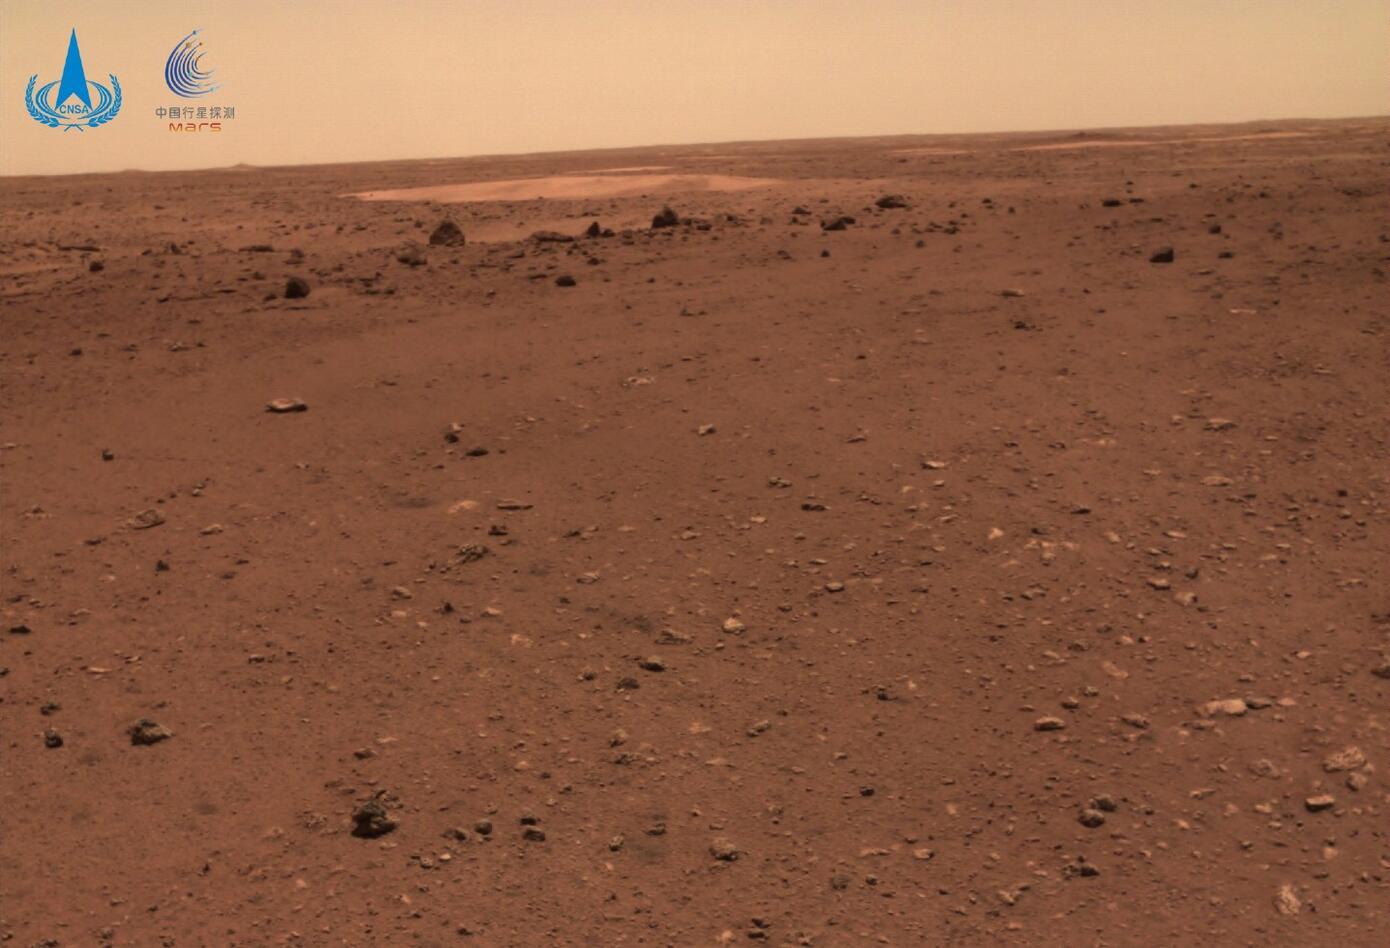 Así es el suelo de Marte tras fotografía tomada por el robot Zhurong